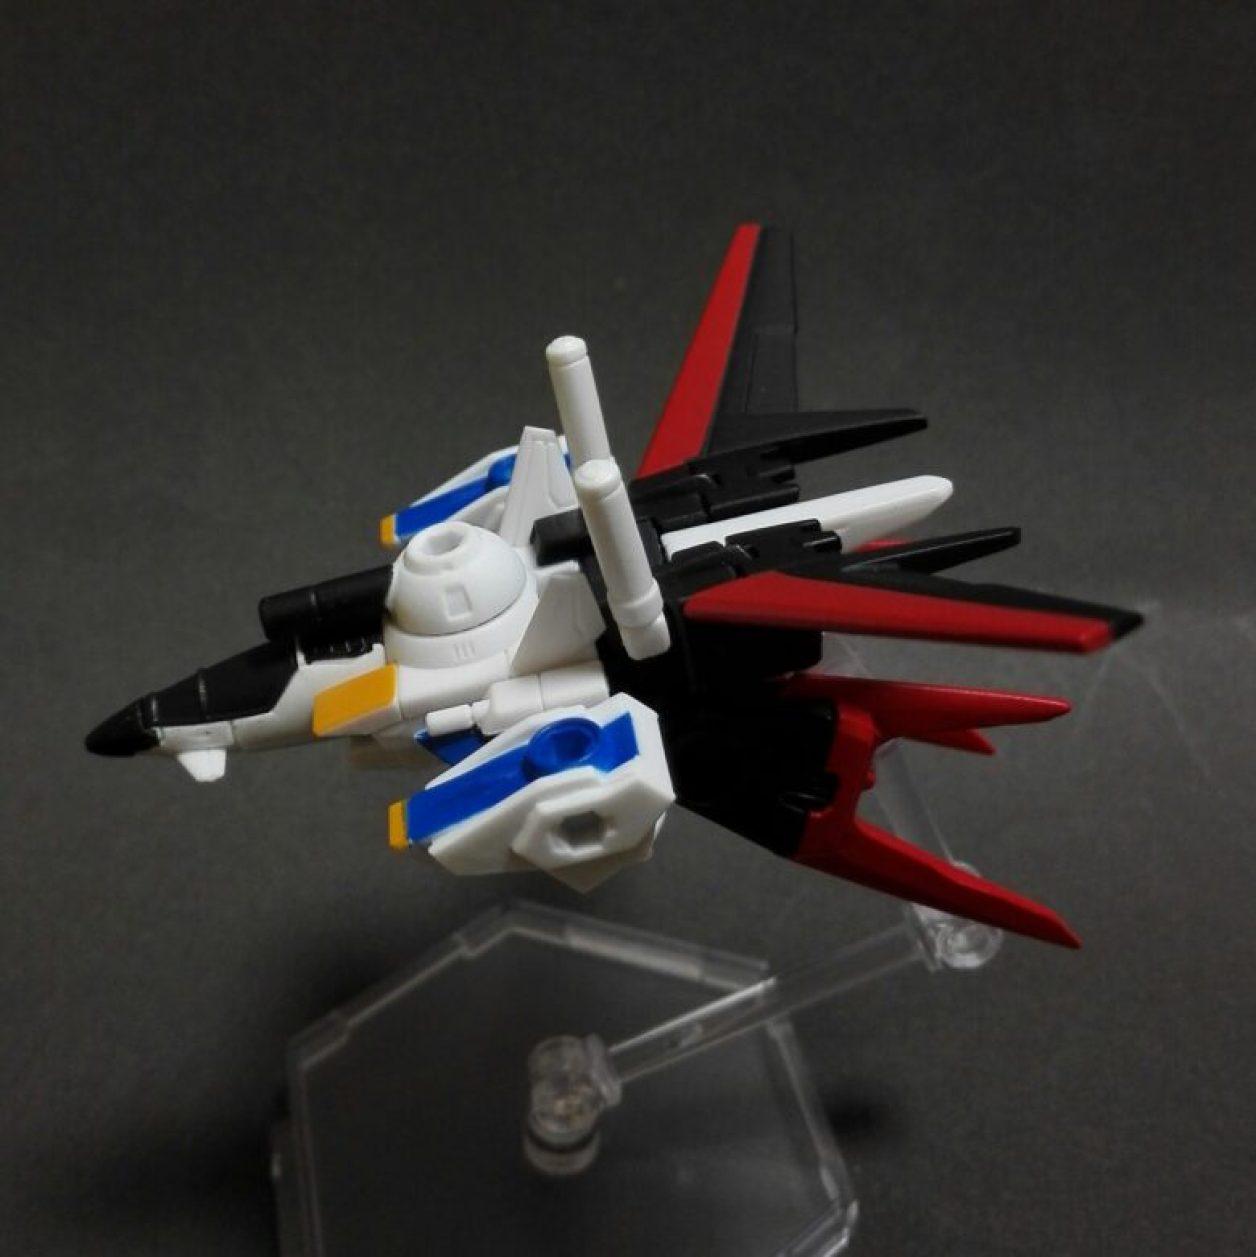 MOBILE SUIT ENSEMBLE(モビルスーツアンサンブル)第10弾のスカイグラスパーの画像